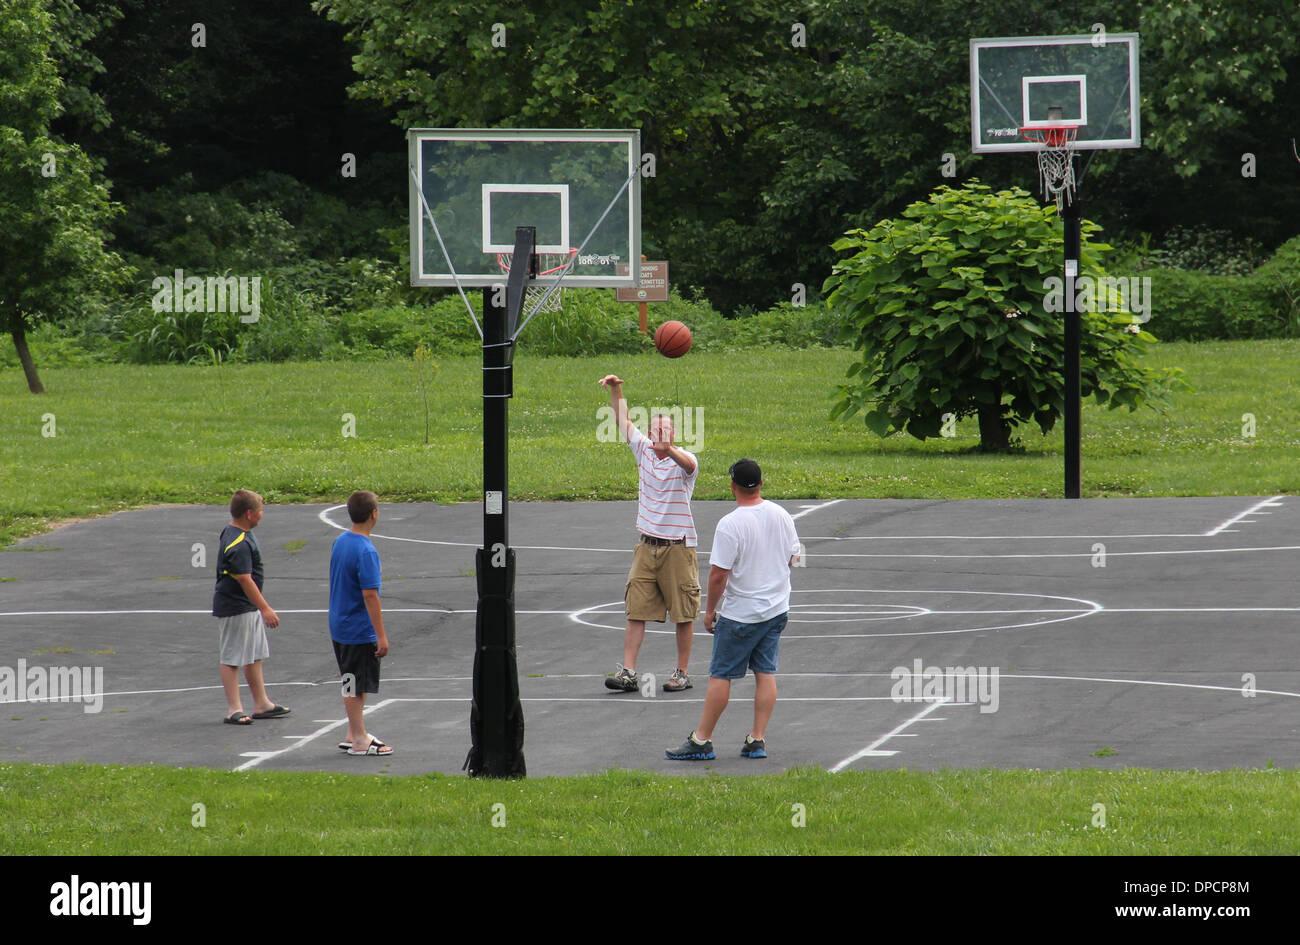 Los hombres jóvenes jugando baloncesto en park Indiana Imagen De Stock